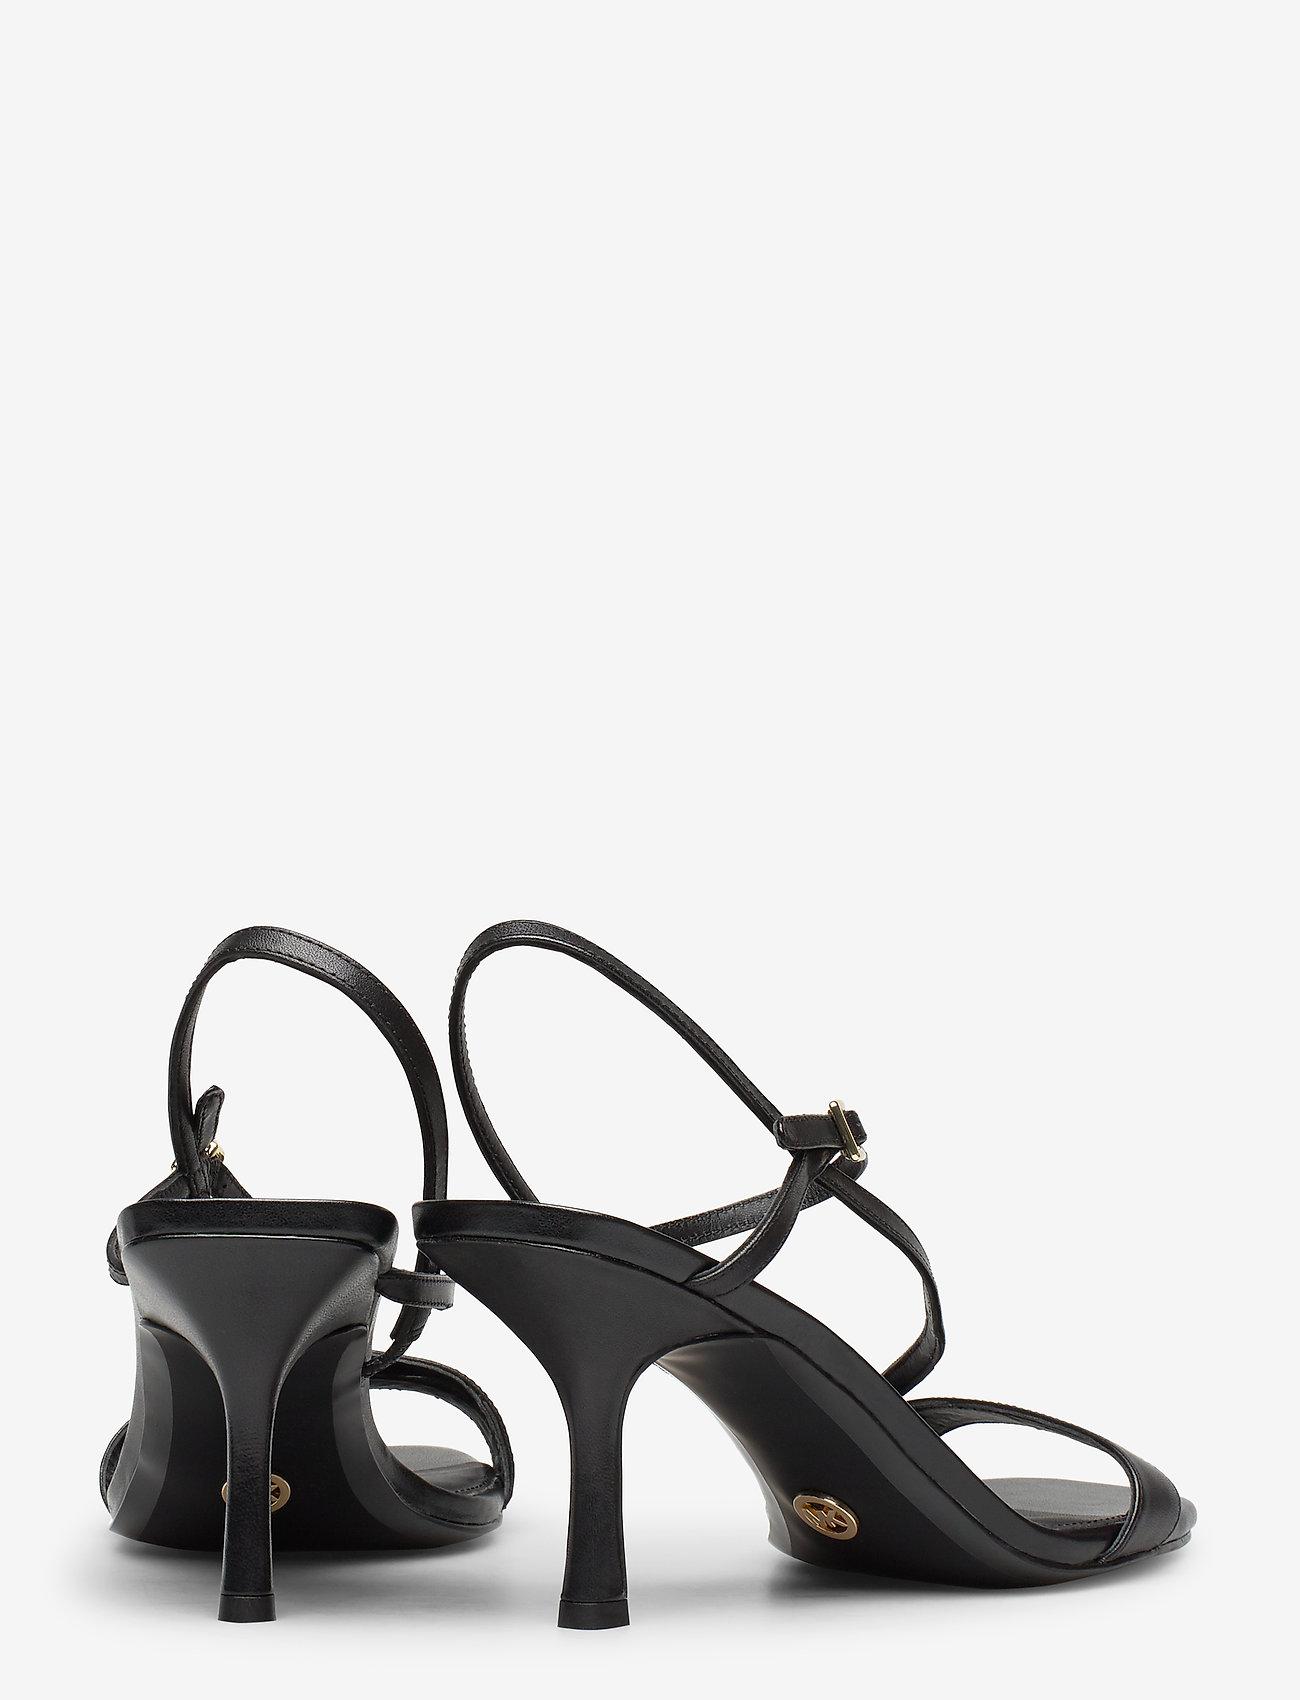 Tasha Sandal (Black) (84 €) - Michael Kors Shoes WPei3